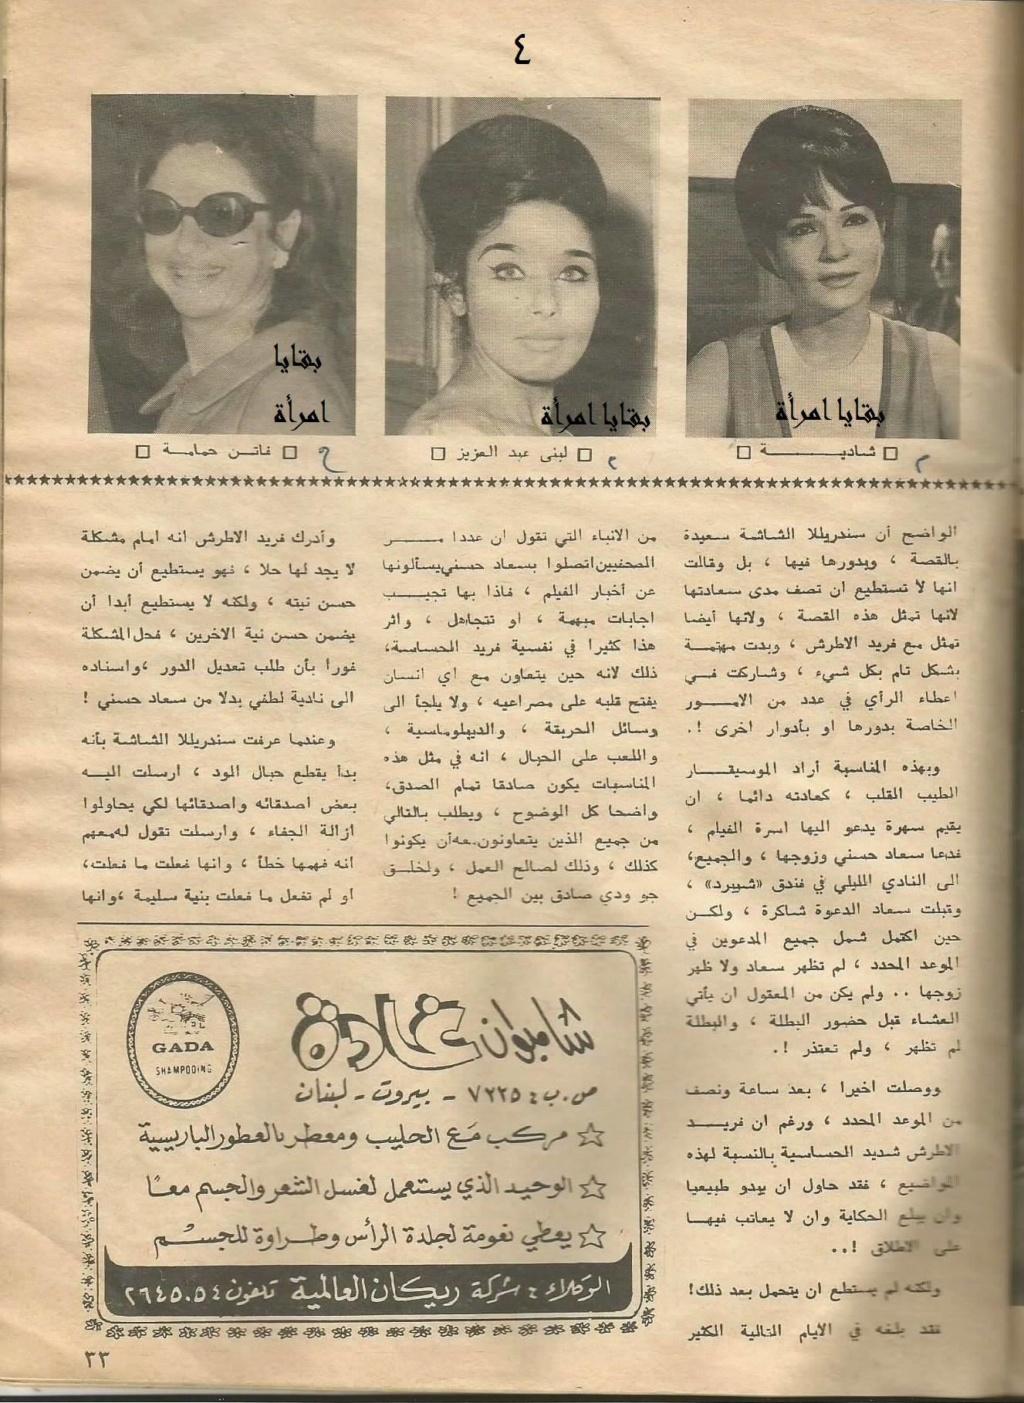 مقال صحفي : من تكون حولييت رقم 30 التي سيحبها فريد الأطرش ؟ 1971 م 4104